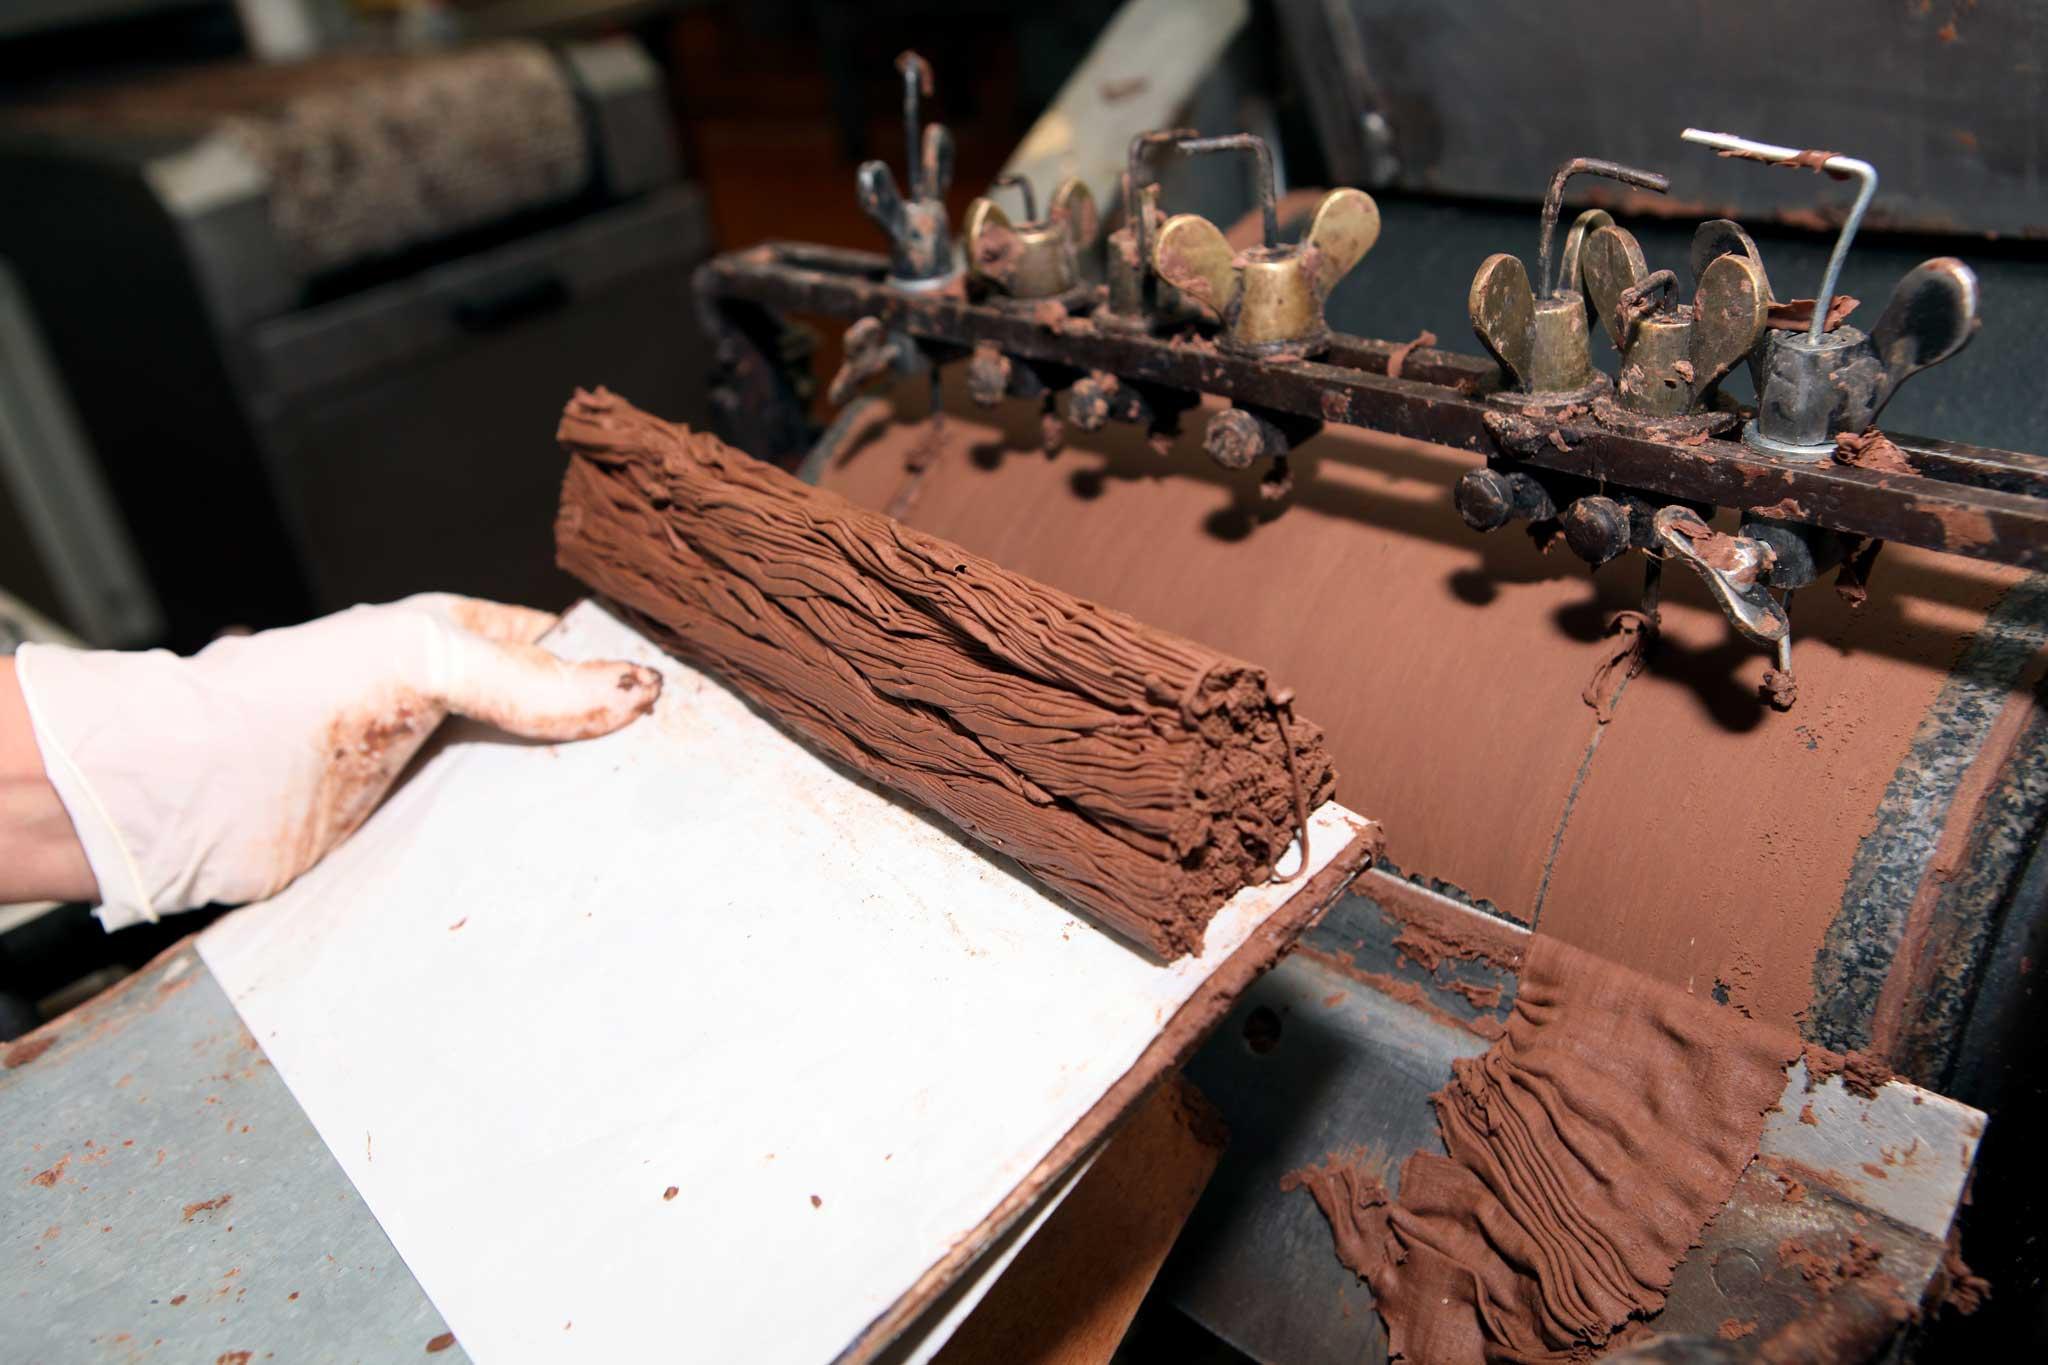 preparazione cioccolato foresta